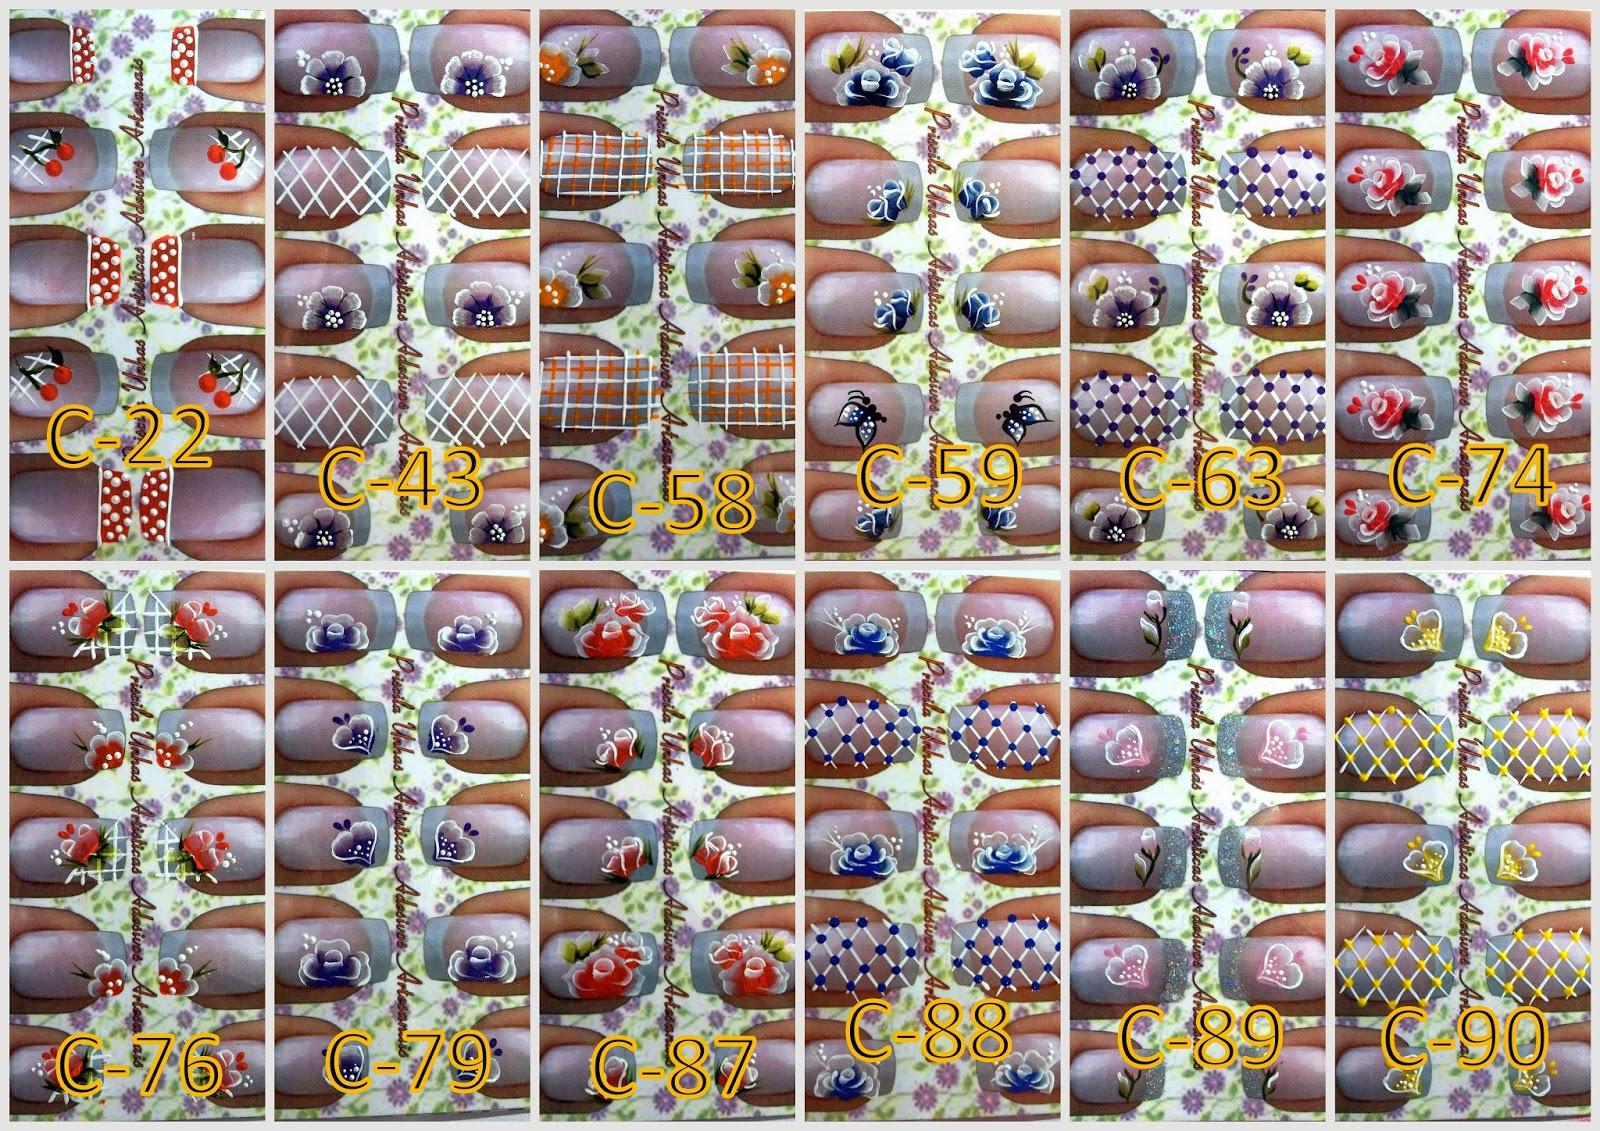 Priscila unhas artsticas como comecei a fazer adesivos artesanais agora estou trabalhando com cartes feito na grfica ele tem uma pelcula por cima e vem com as unhas desenhadas pra facilitar a visualizao dos adesivos altavistaventures Gallery